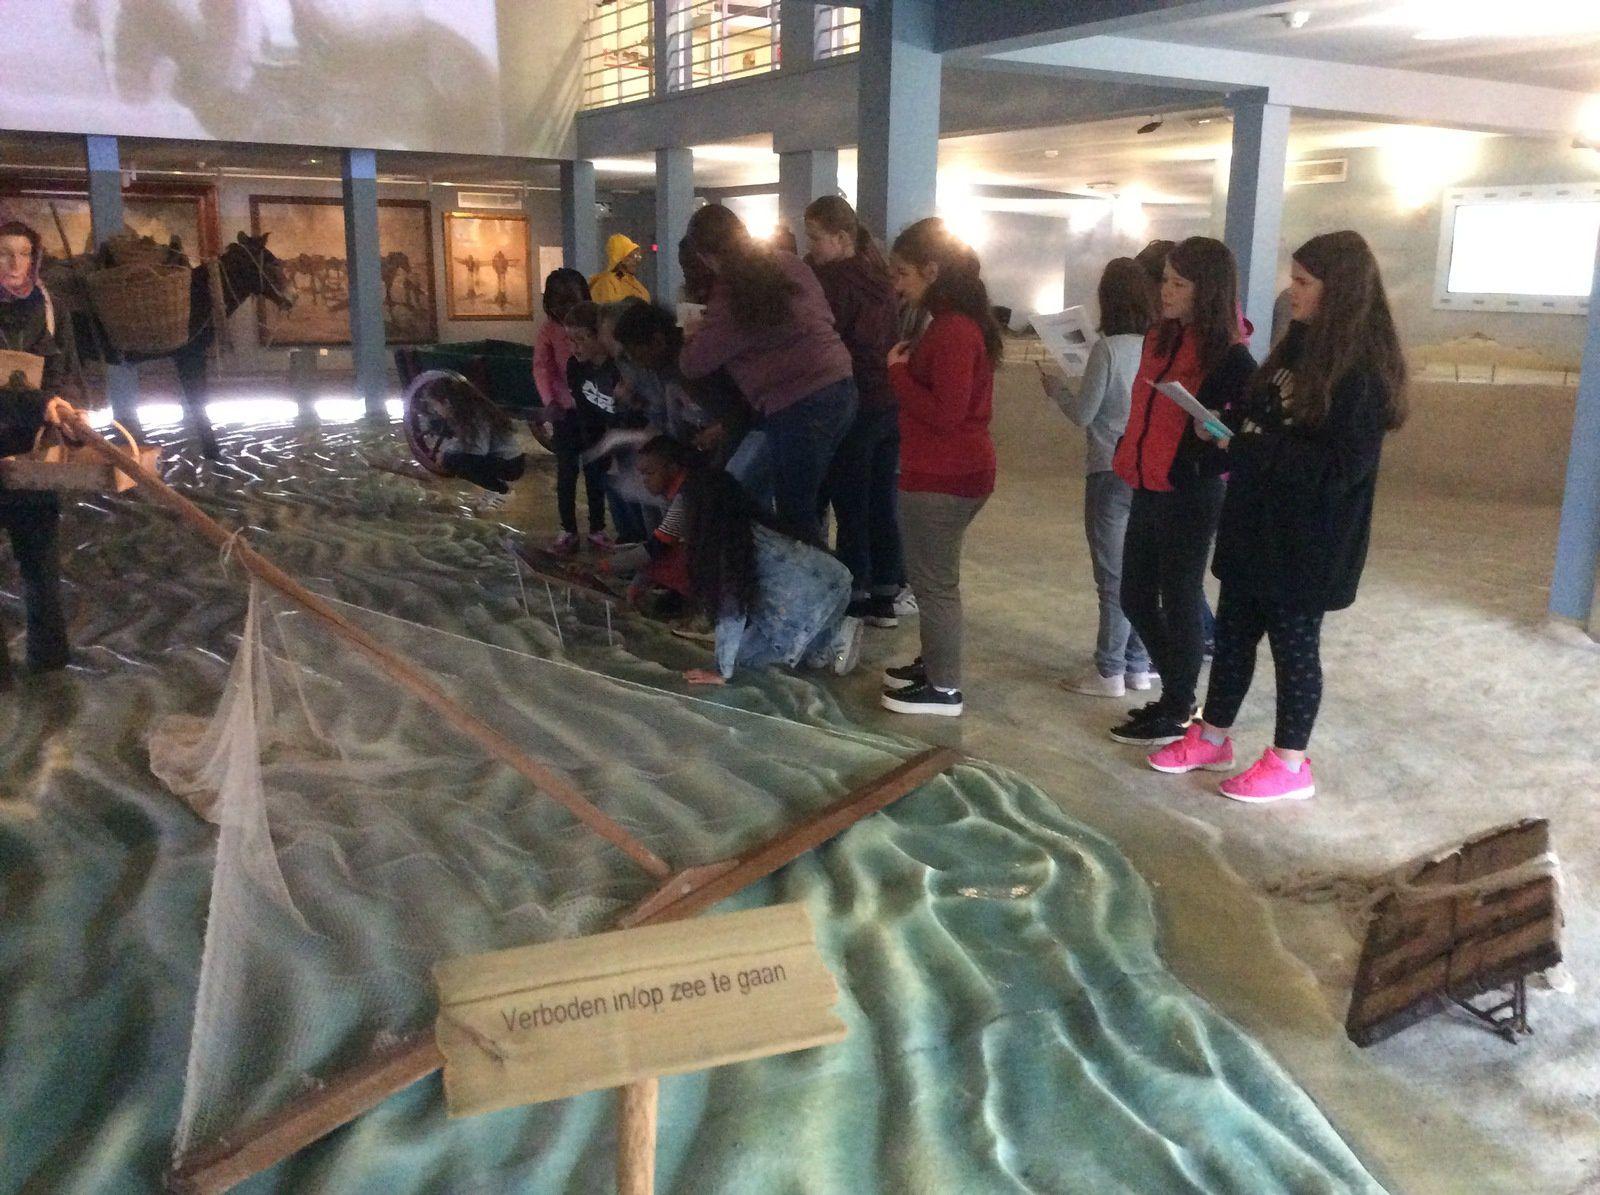 Le musée de la pêche. Les élèves ont trouvé cette visite très intéressante.